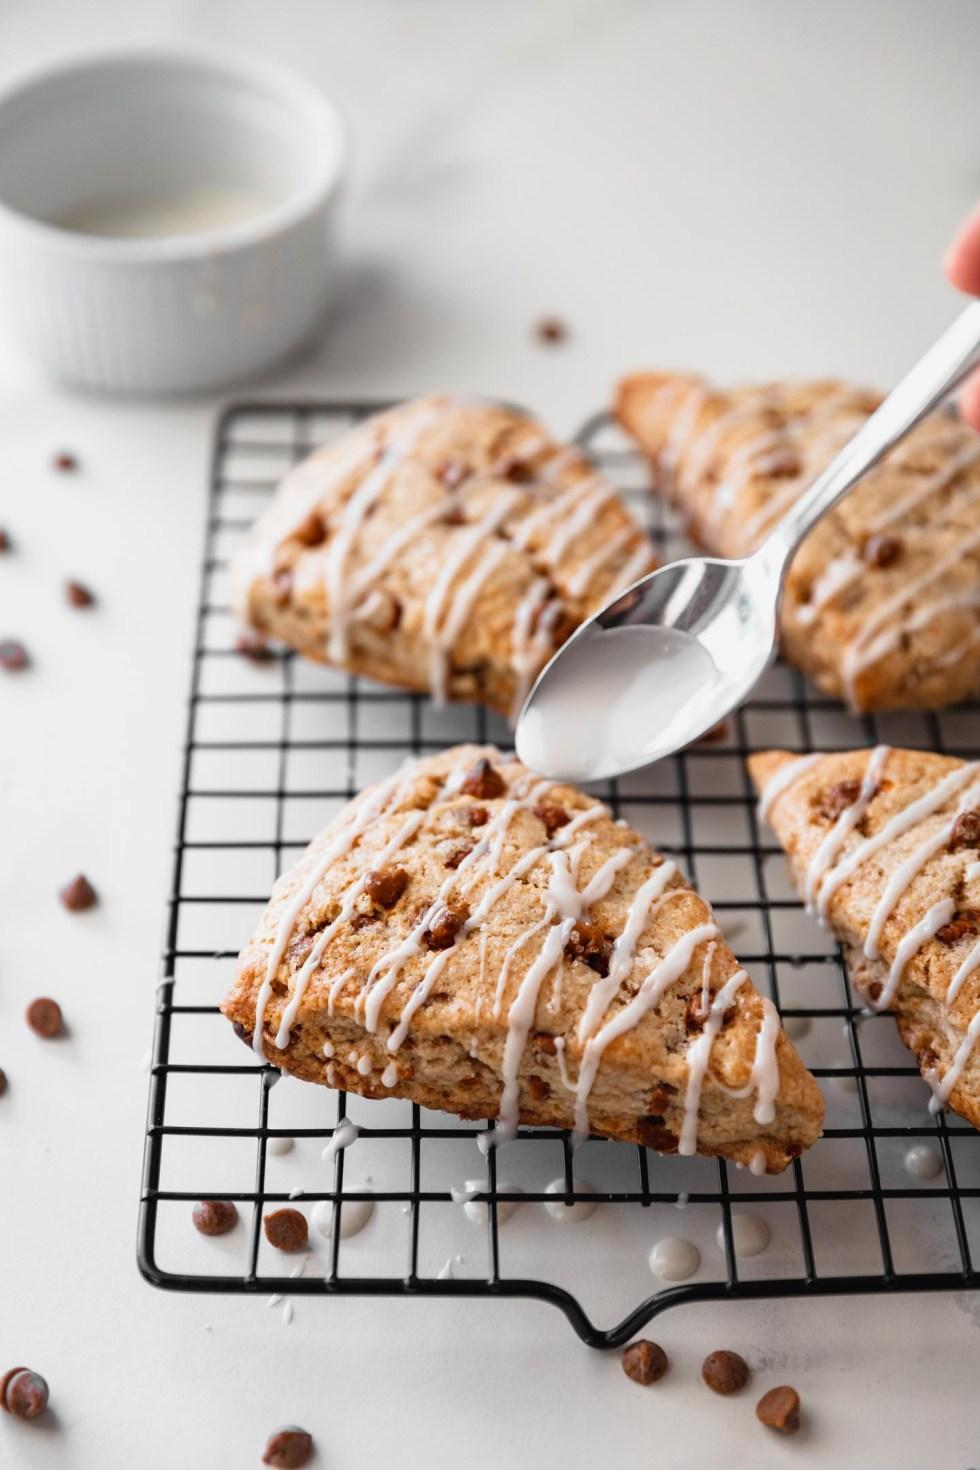 Silver spoon drizzling glaze over cinnamon scone